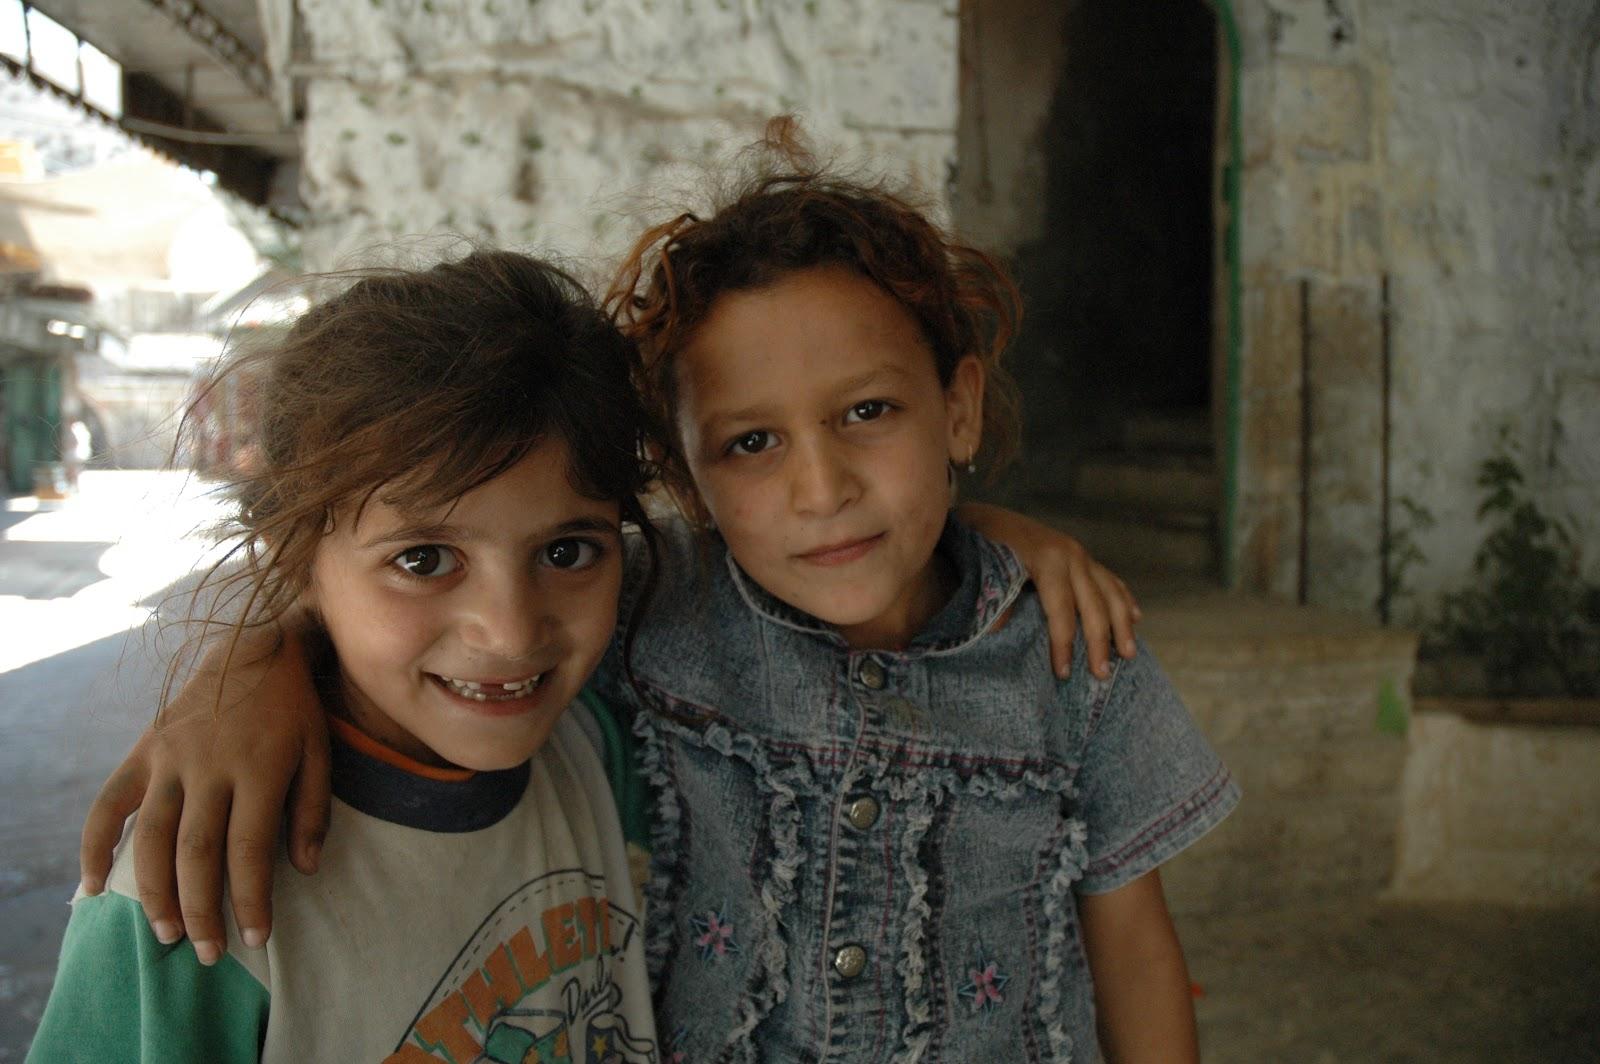 Đức Thánh Cha gửi cứu trợ cho thiếu nhi ở các trại tị nạn Palestine